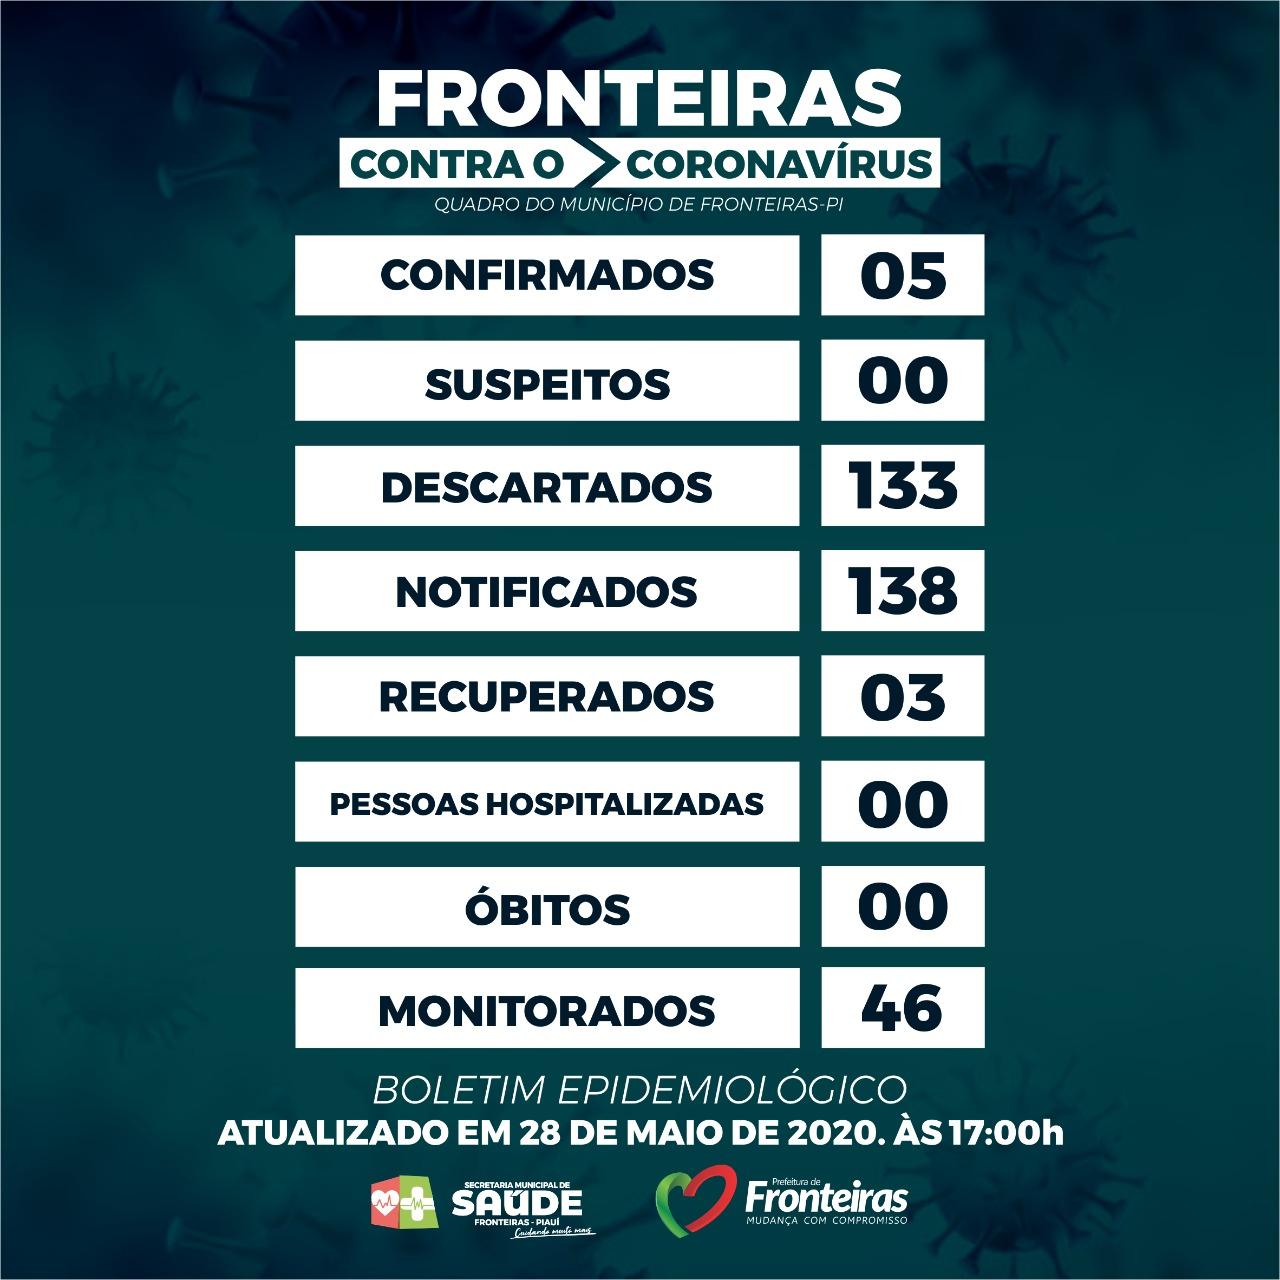 FRONTEIRAS (PI) - BOLETIM EPIDEMIOLÓGICO  DE 28/05/2020